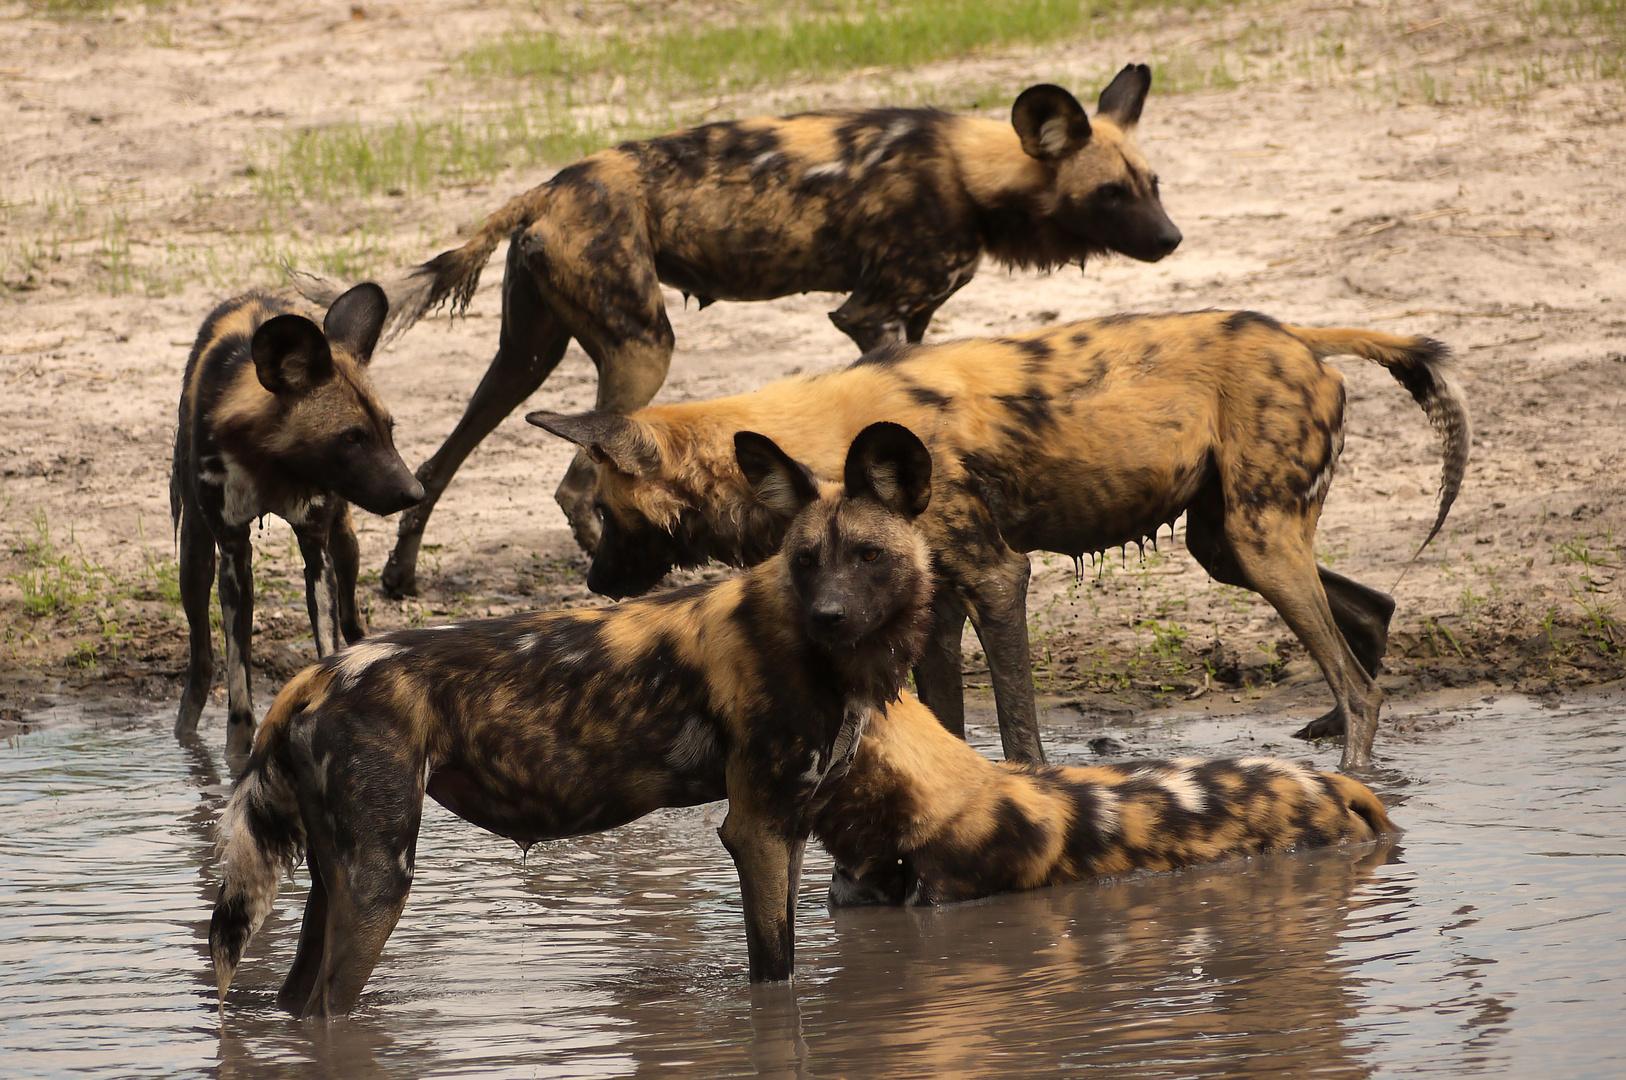 noch mehr Wldhunde am Wasser